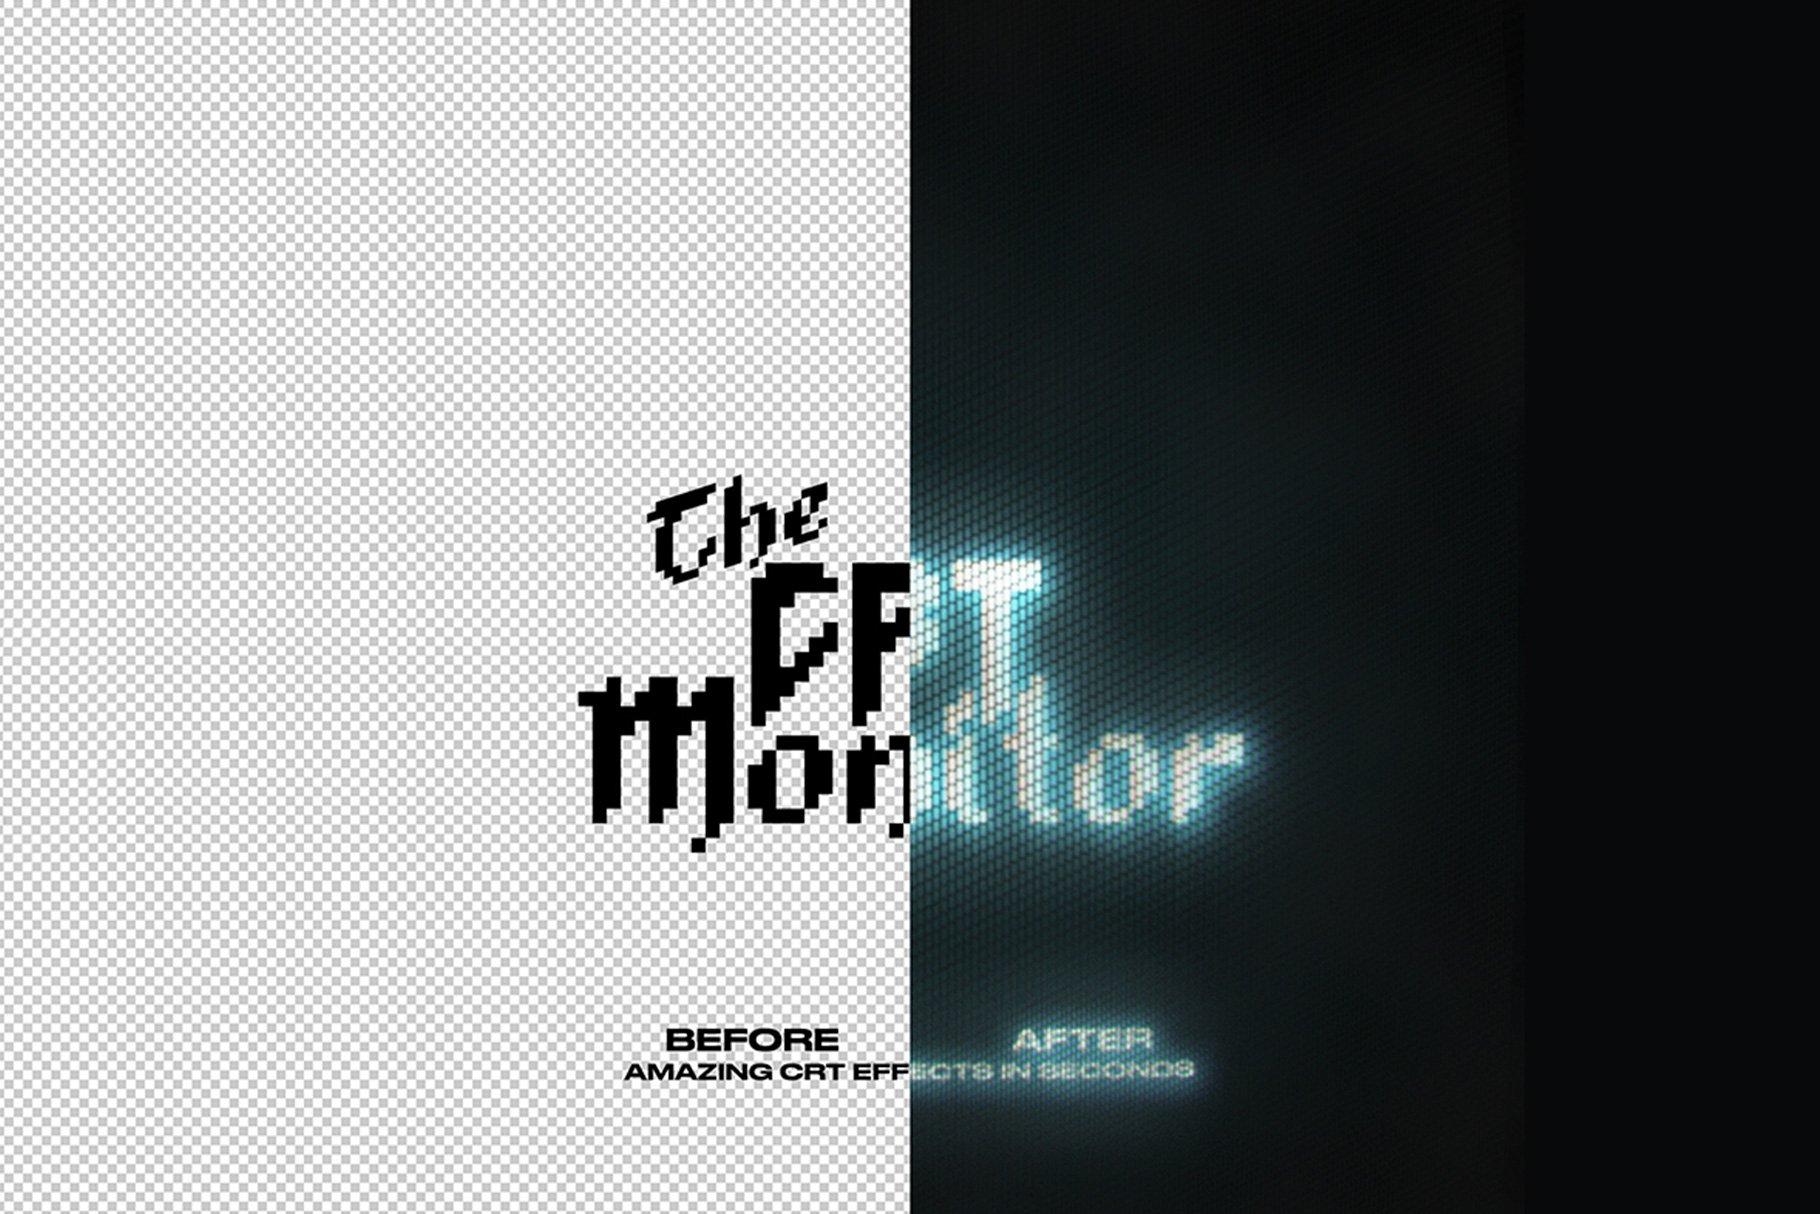 [单独购买] 潮流像素点霓虹CRT显示效果文字图形设计一键式PS动作模板 The CRT Monitor – One Click插图1